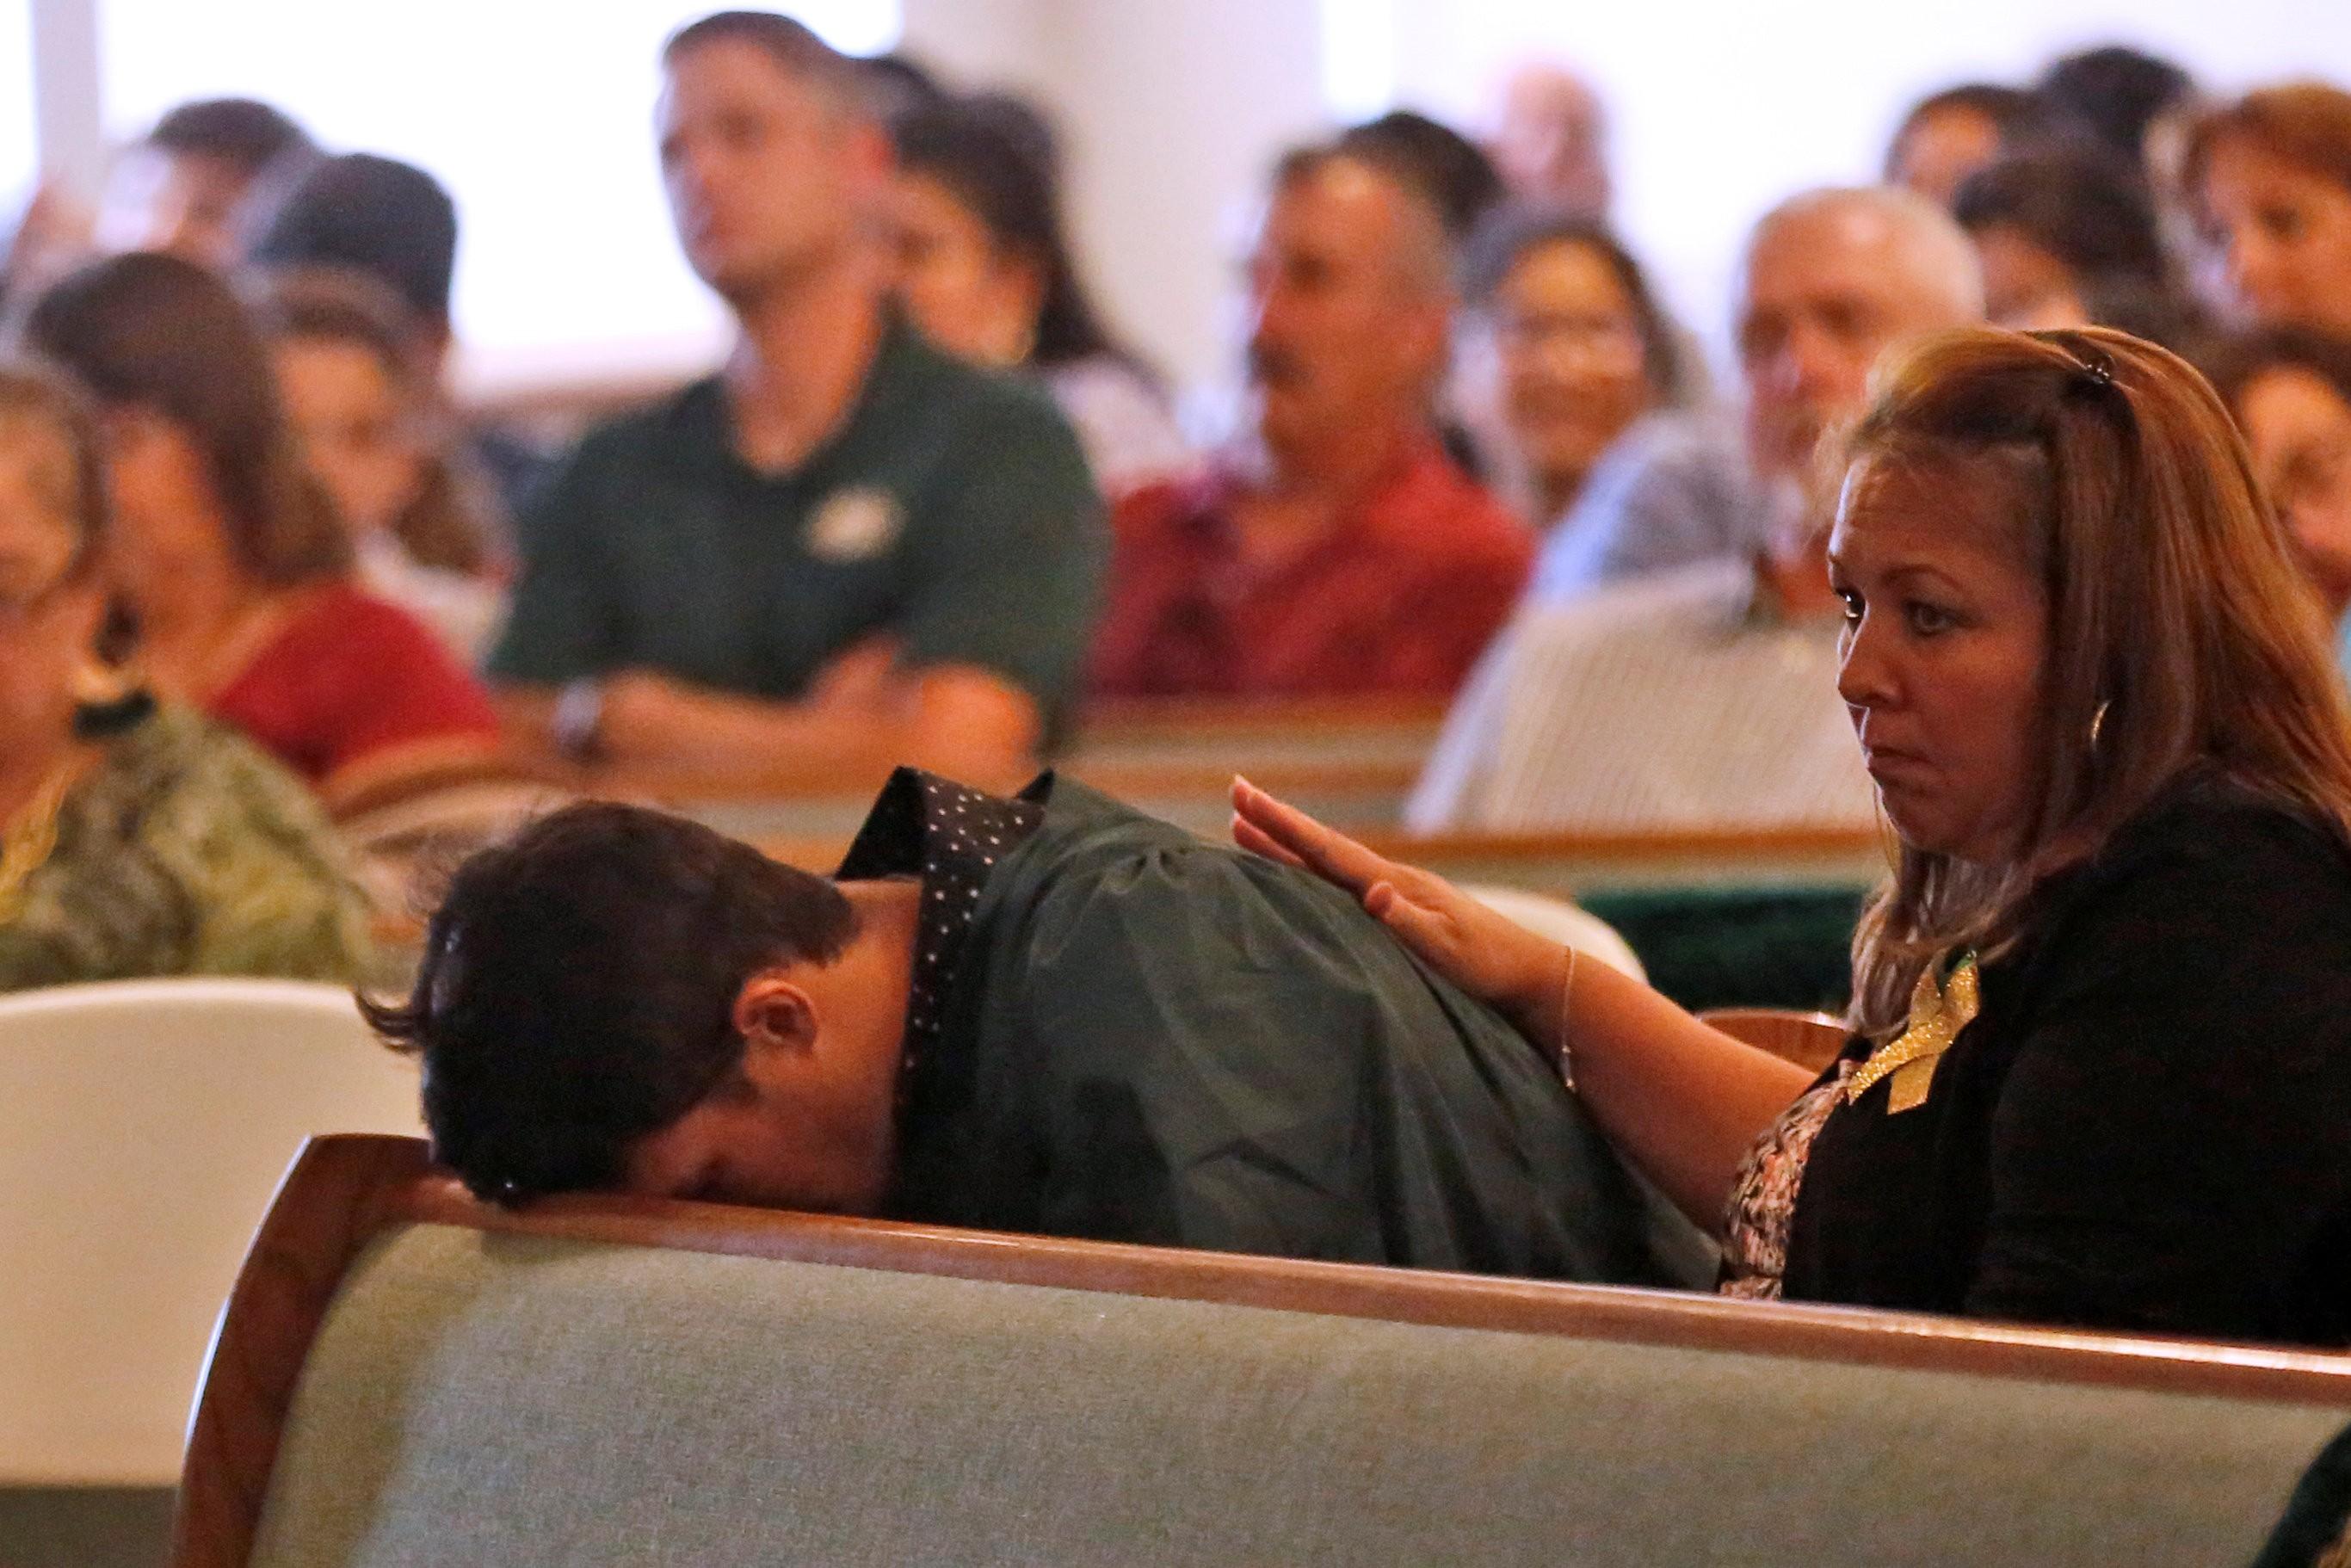 Texas se refugia na religião para superar a dor de massacre em escola